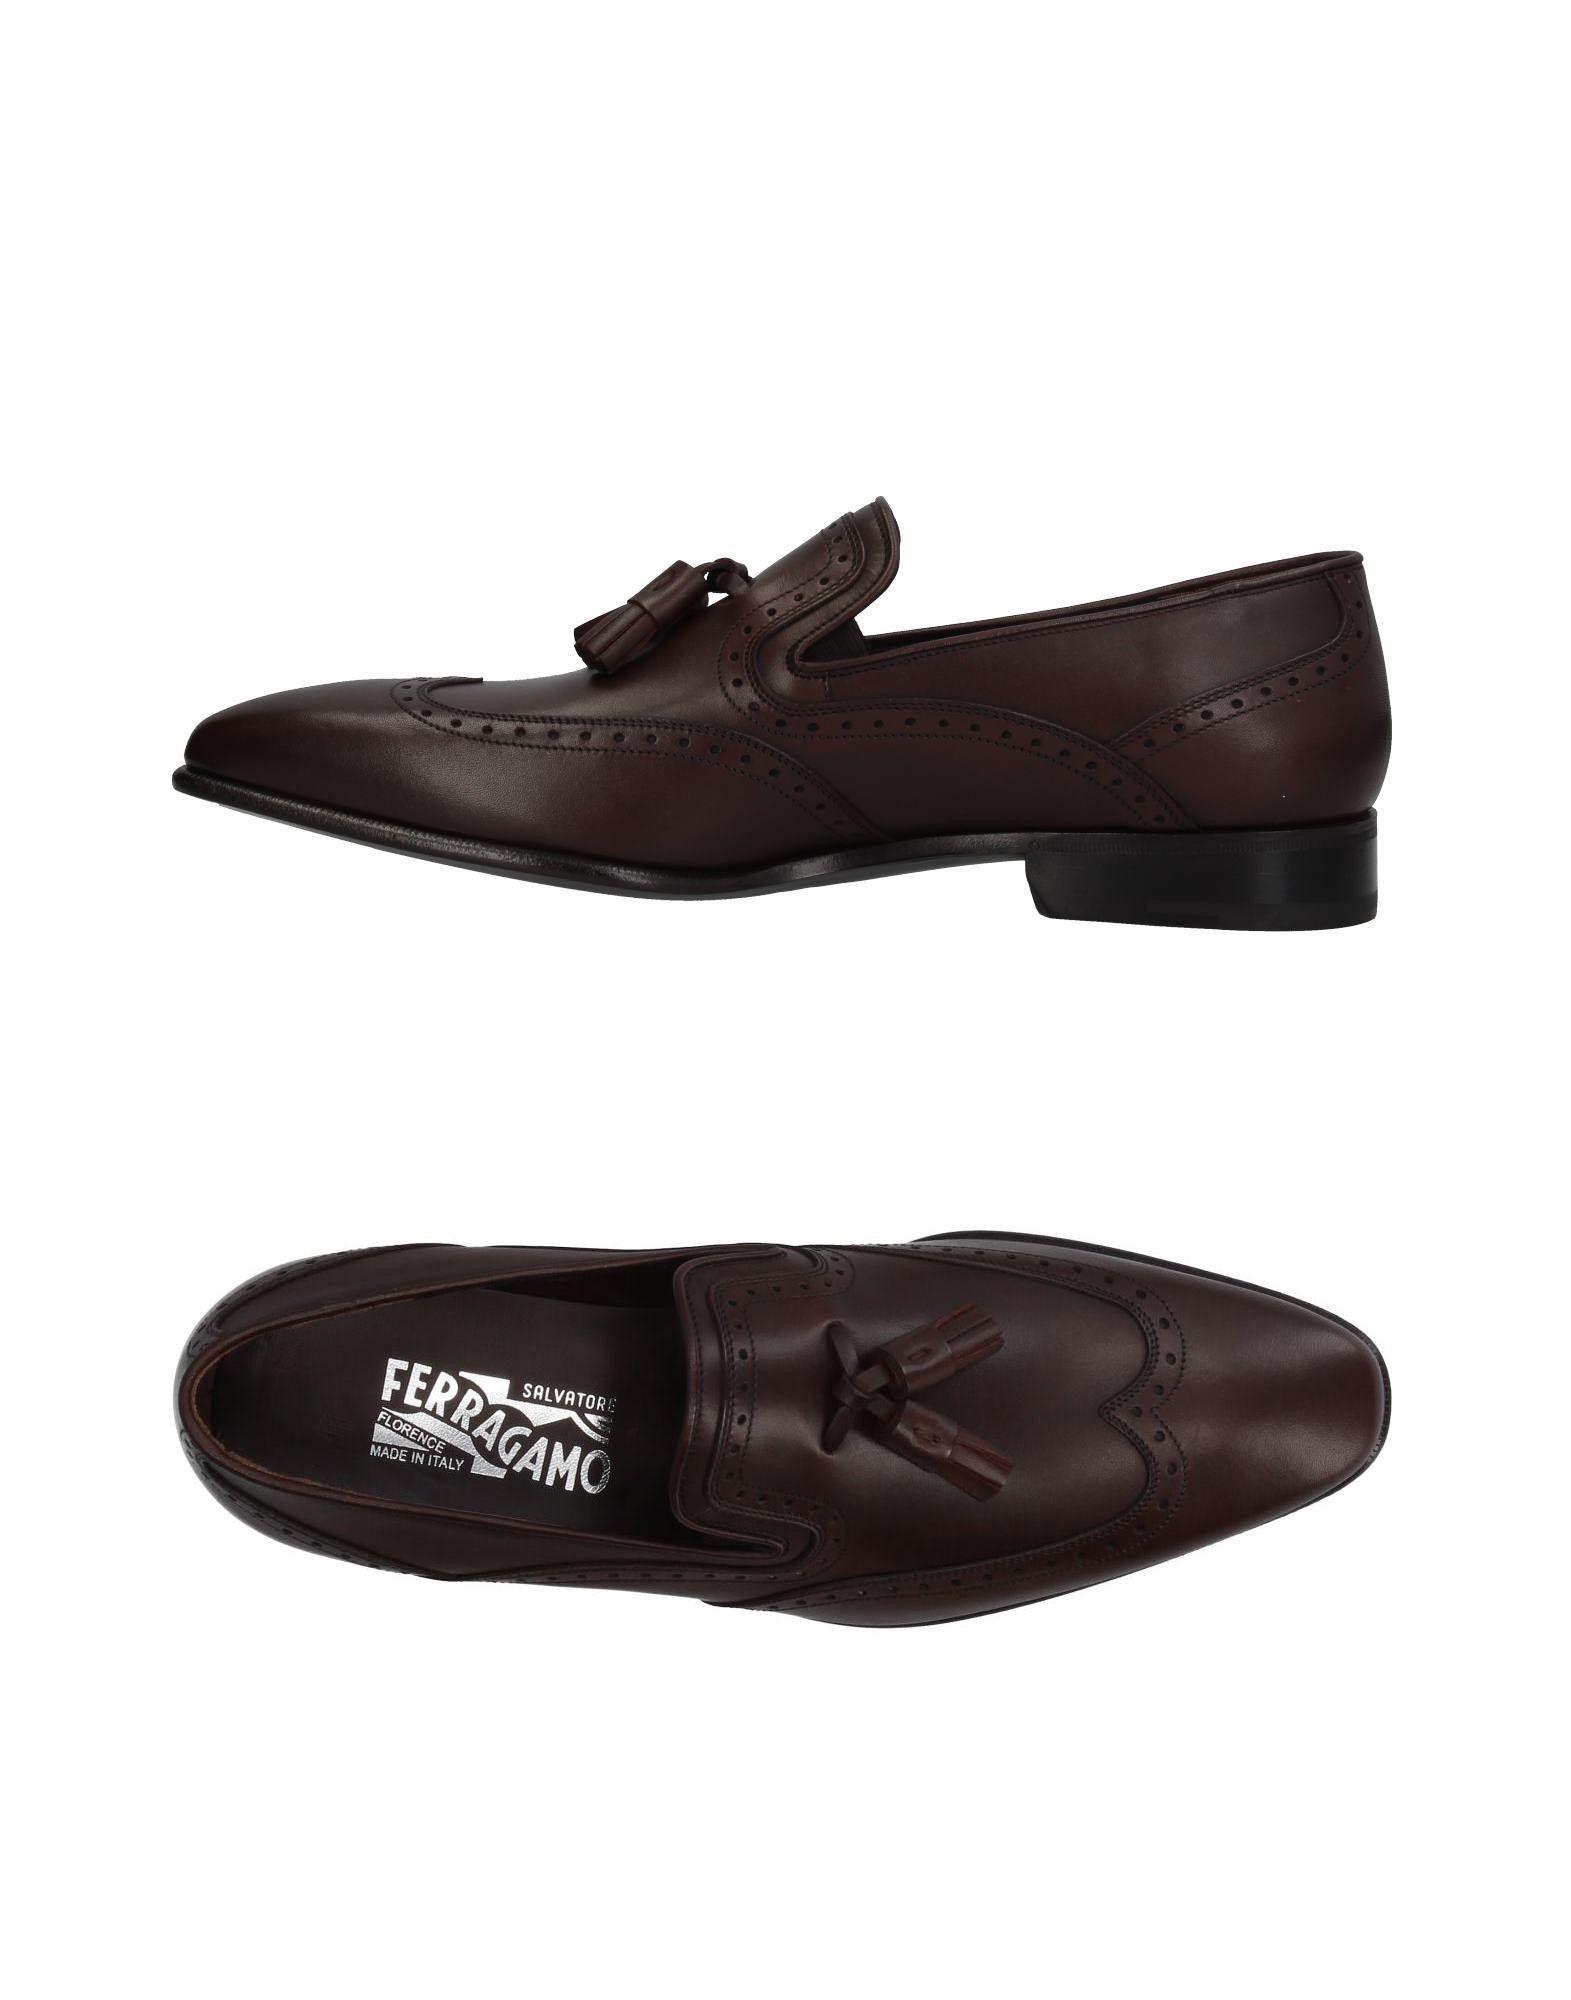 Salvatore Ferragamo Mokassins Herren  11385077NQ Gute Qualität beliebte Schuhe